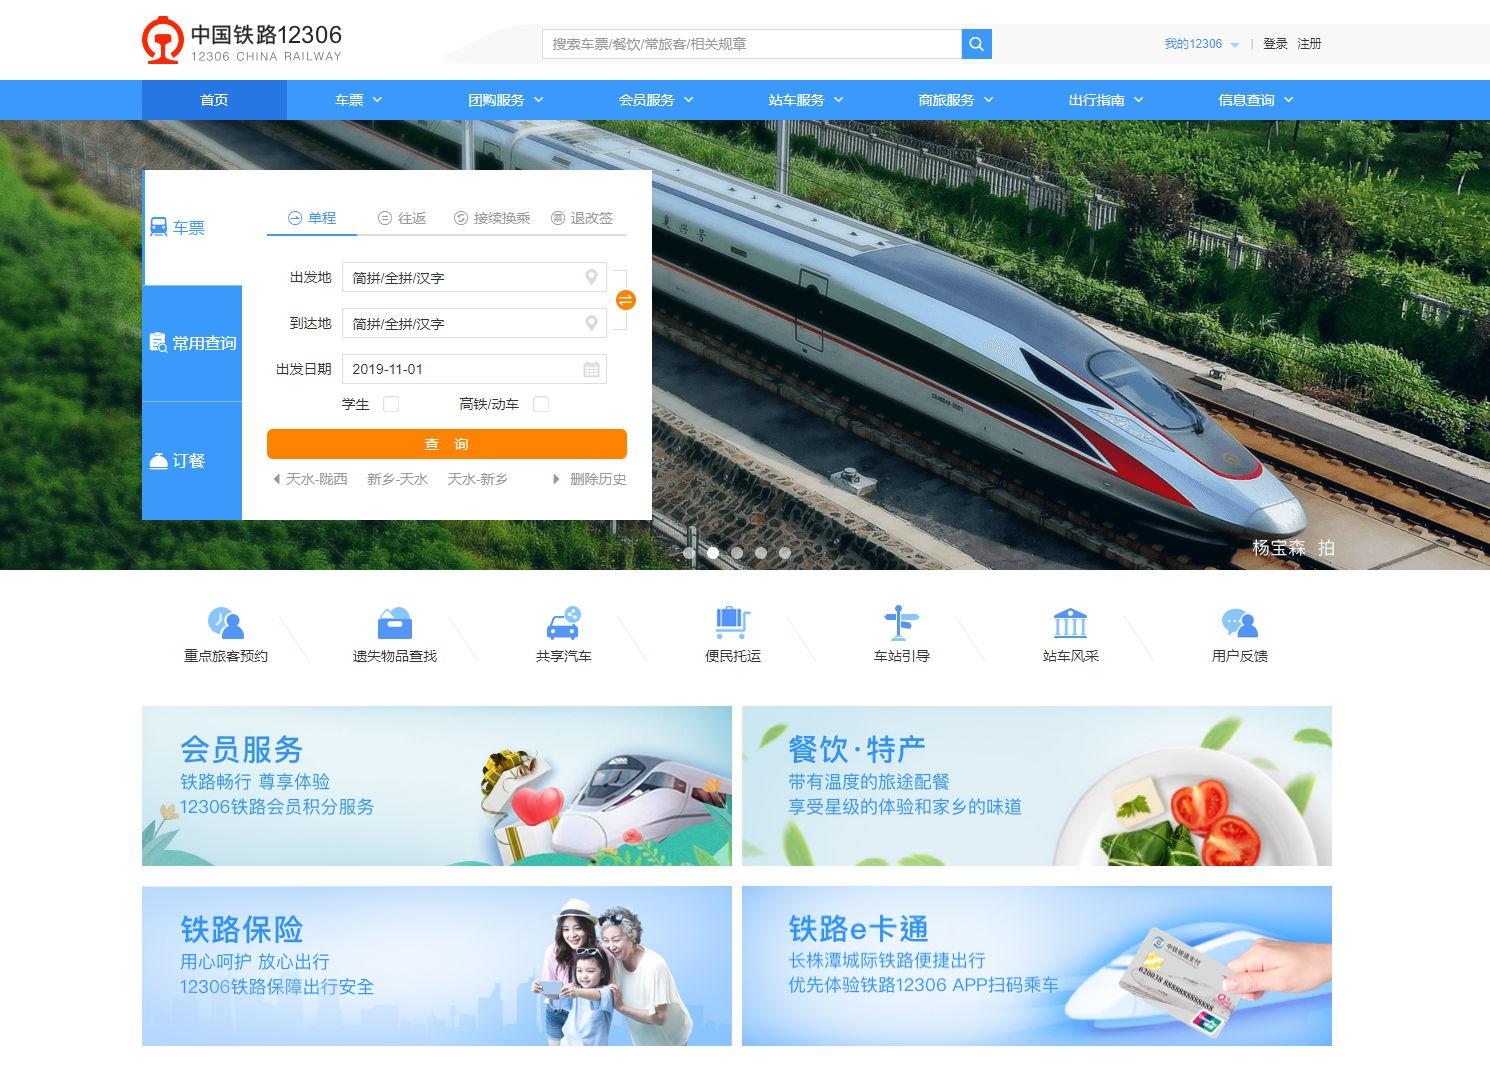 中国铁路售票系统_铁路12306官网售票系统现已成为全球最大的票务交易系统_杏花